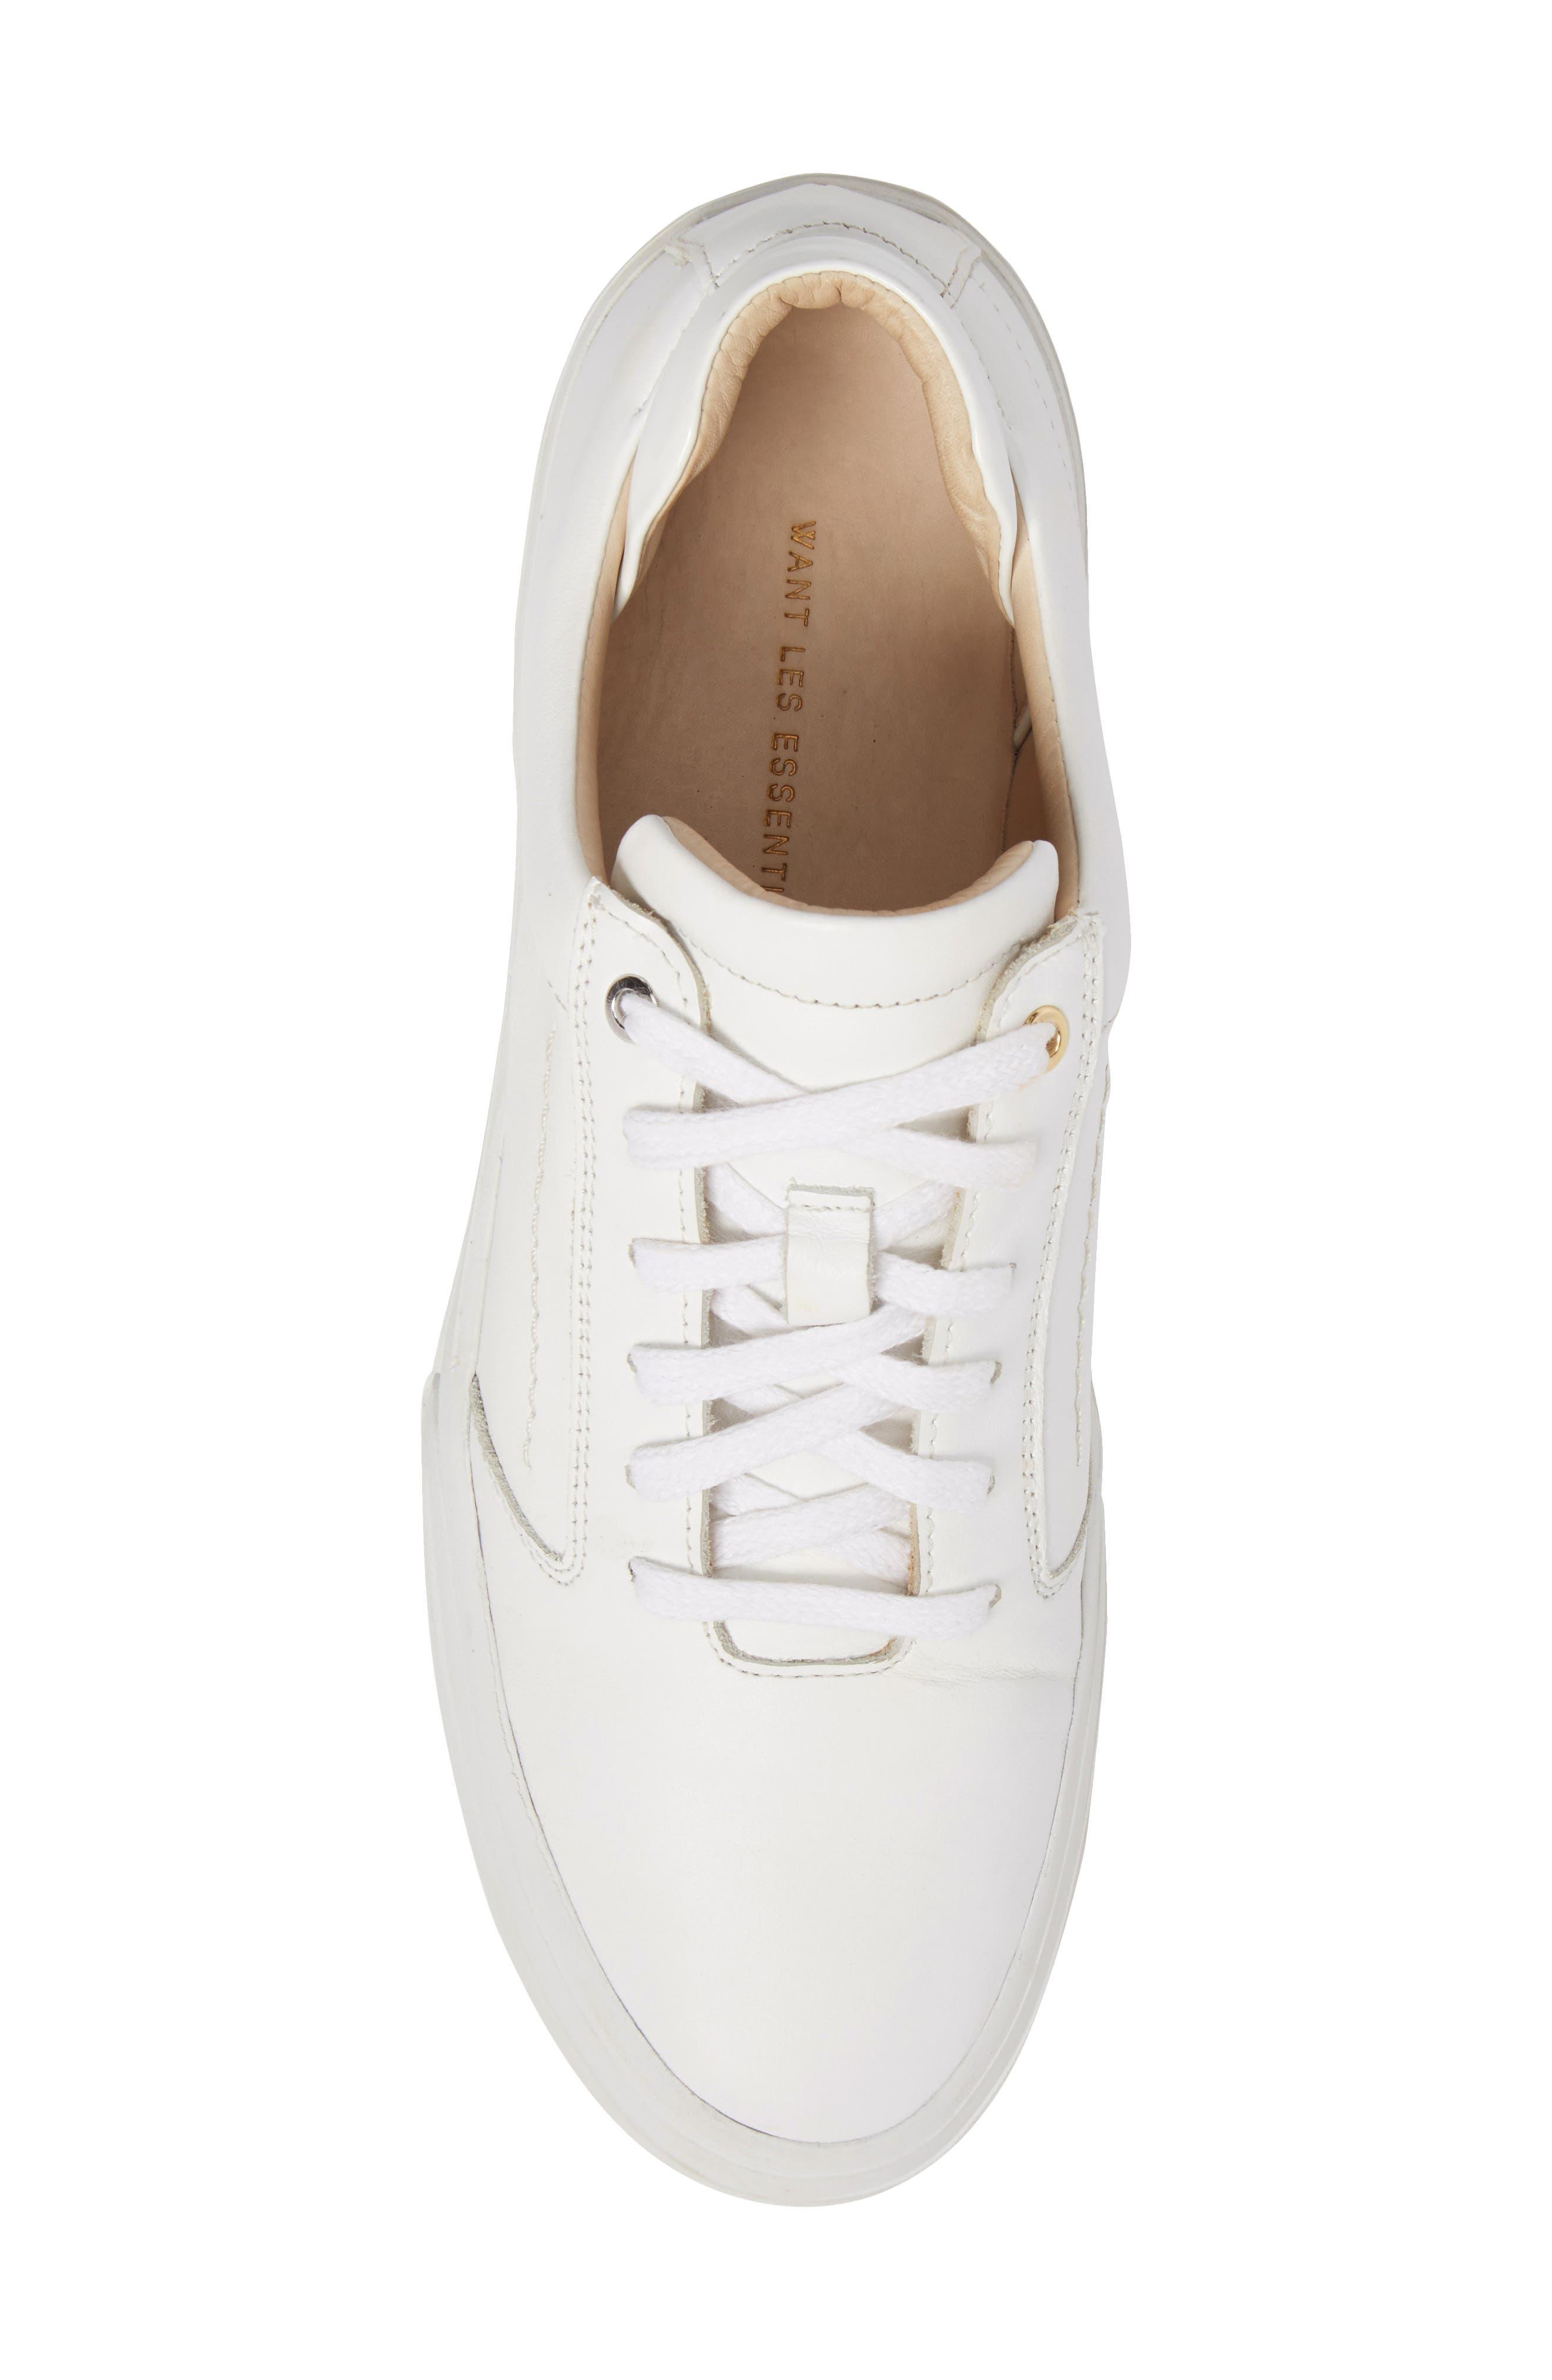 Lalibela Sneaker,                             Alternate thumbnail 4, color,                             White/Patent White